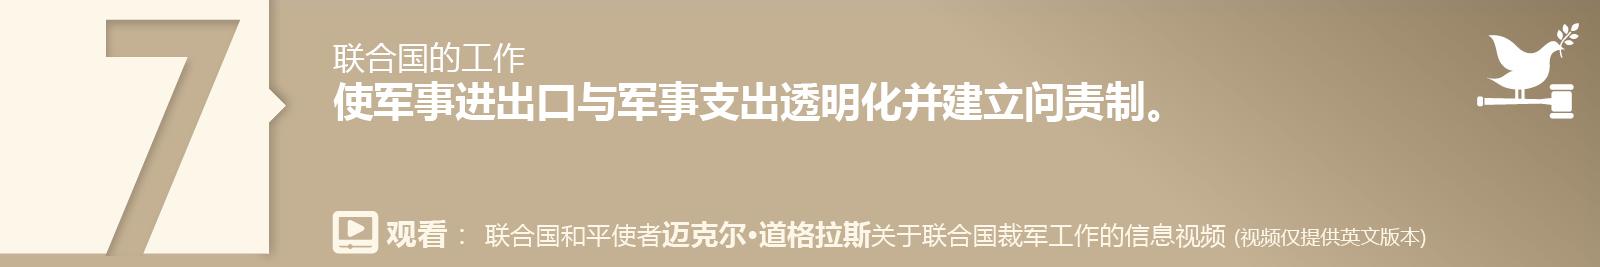 7. 使军事进出口与军事支出透明化并建立问责制。